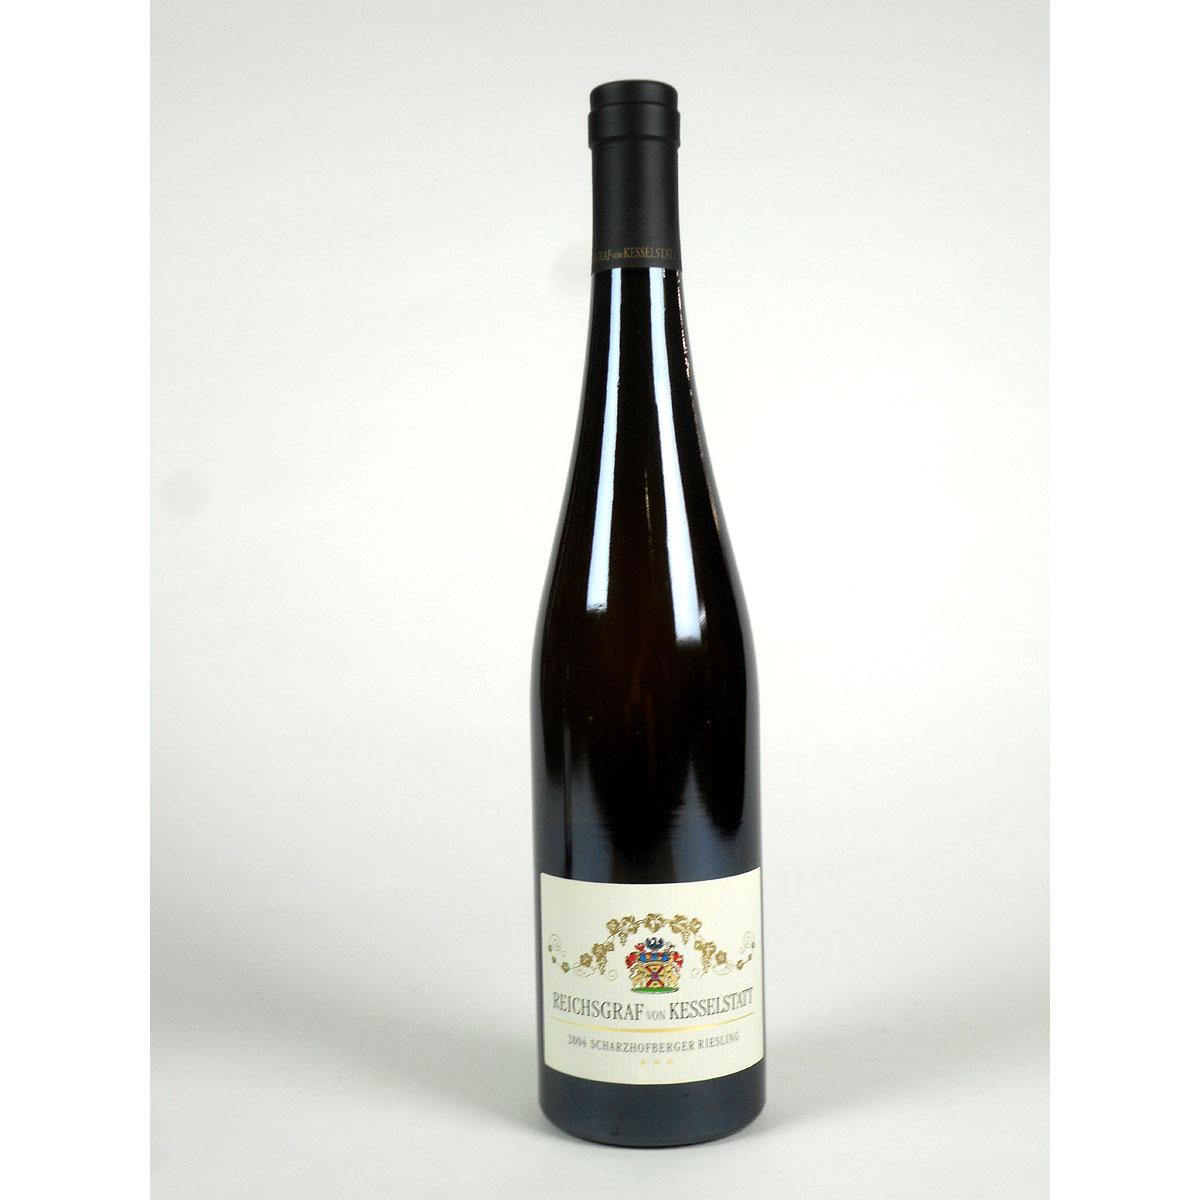 Saar: Reichsgraf von Kesselstatt Scharzhofberger Riesling Spätlese 2004 - Bottle